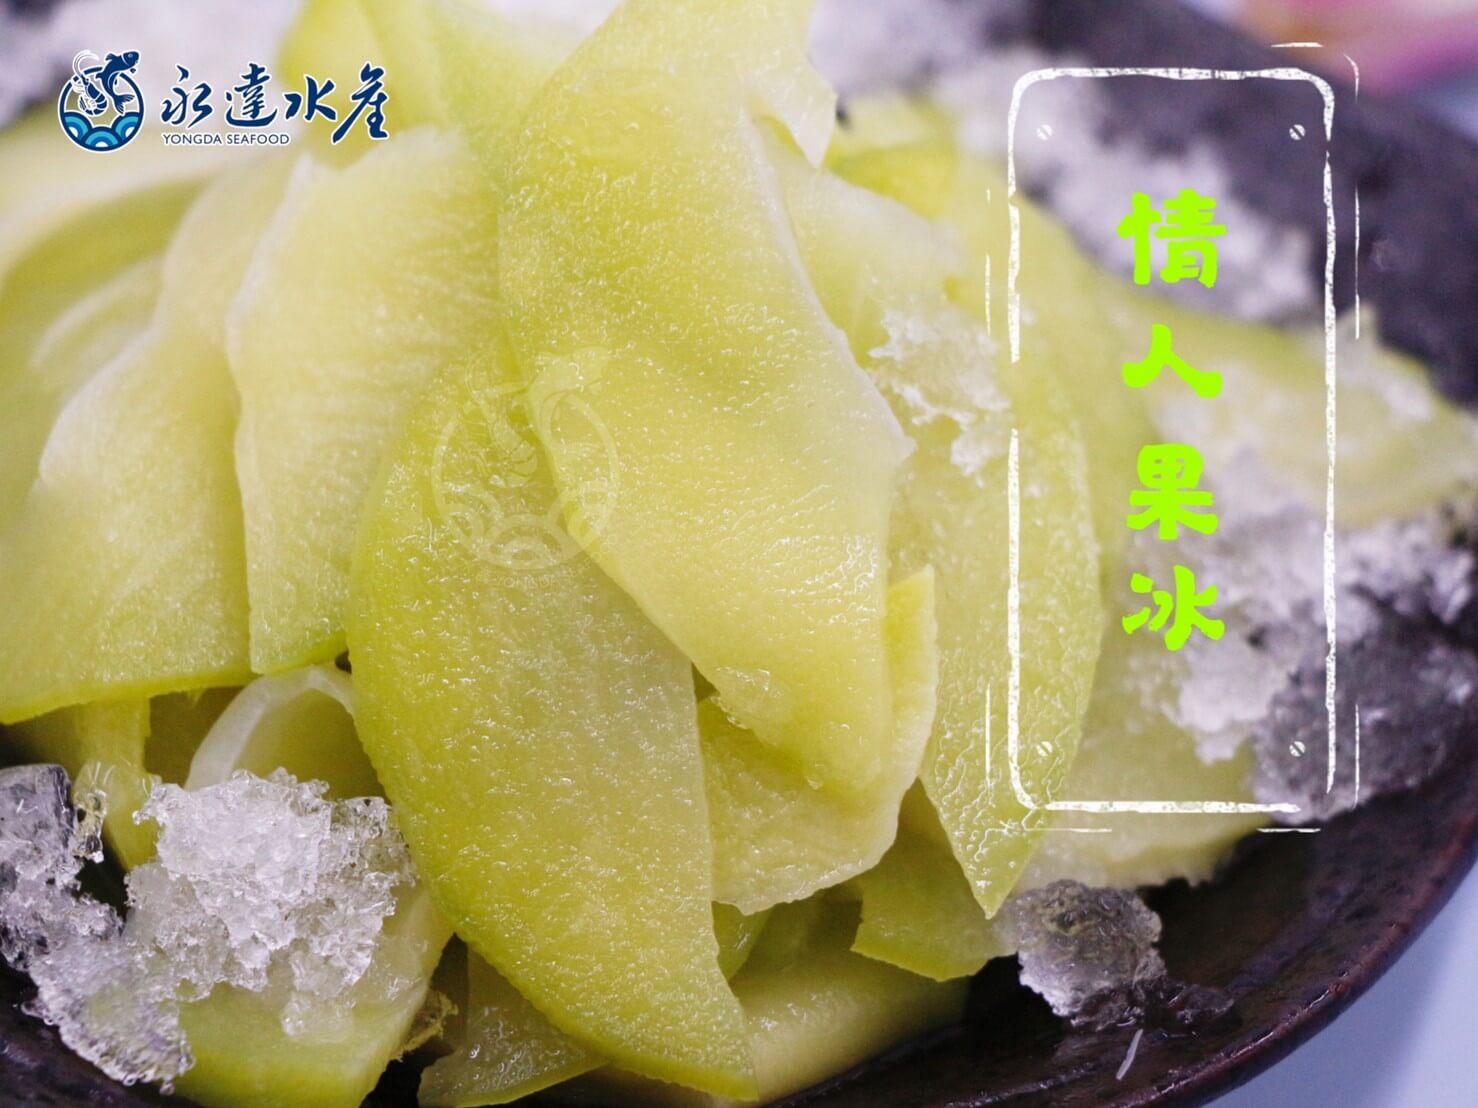 食品|蔥媽媽情人果冰|情人果冰|芒果青冰|剉冰